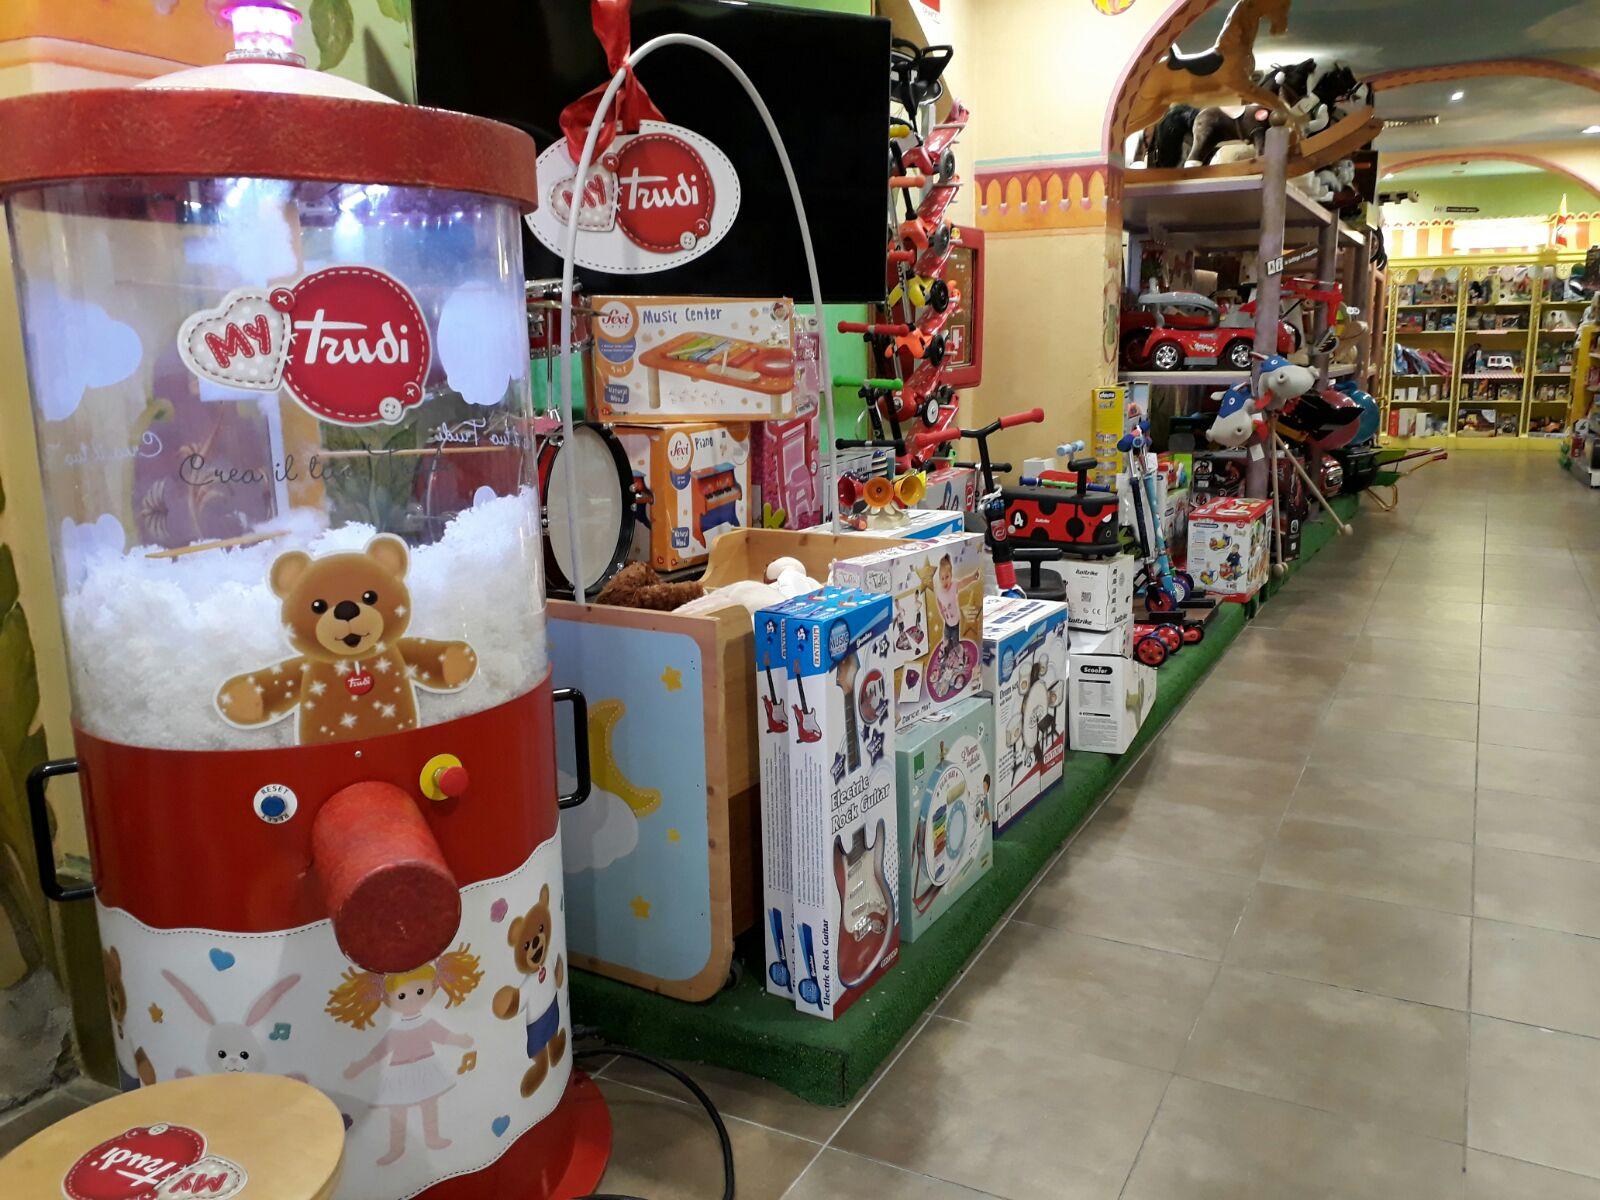 כל צעצוע אפשרי: חנות הצעצועים Dreoni Giocattoli  (צילום: אילאיל קופלר) (צילום: אילאיל קופלר)